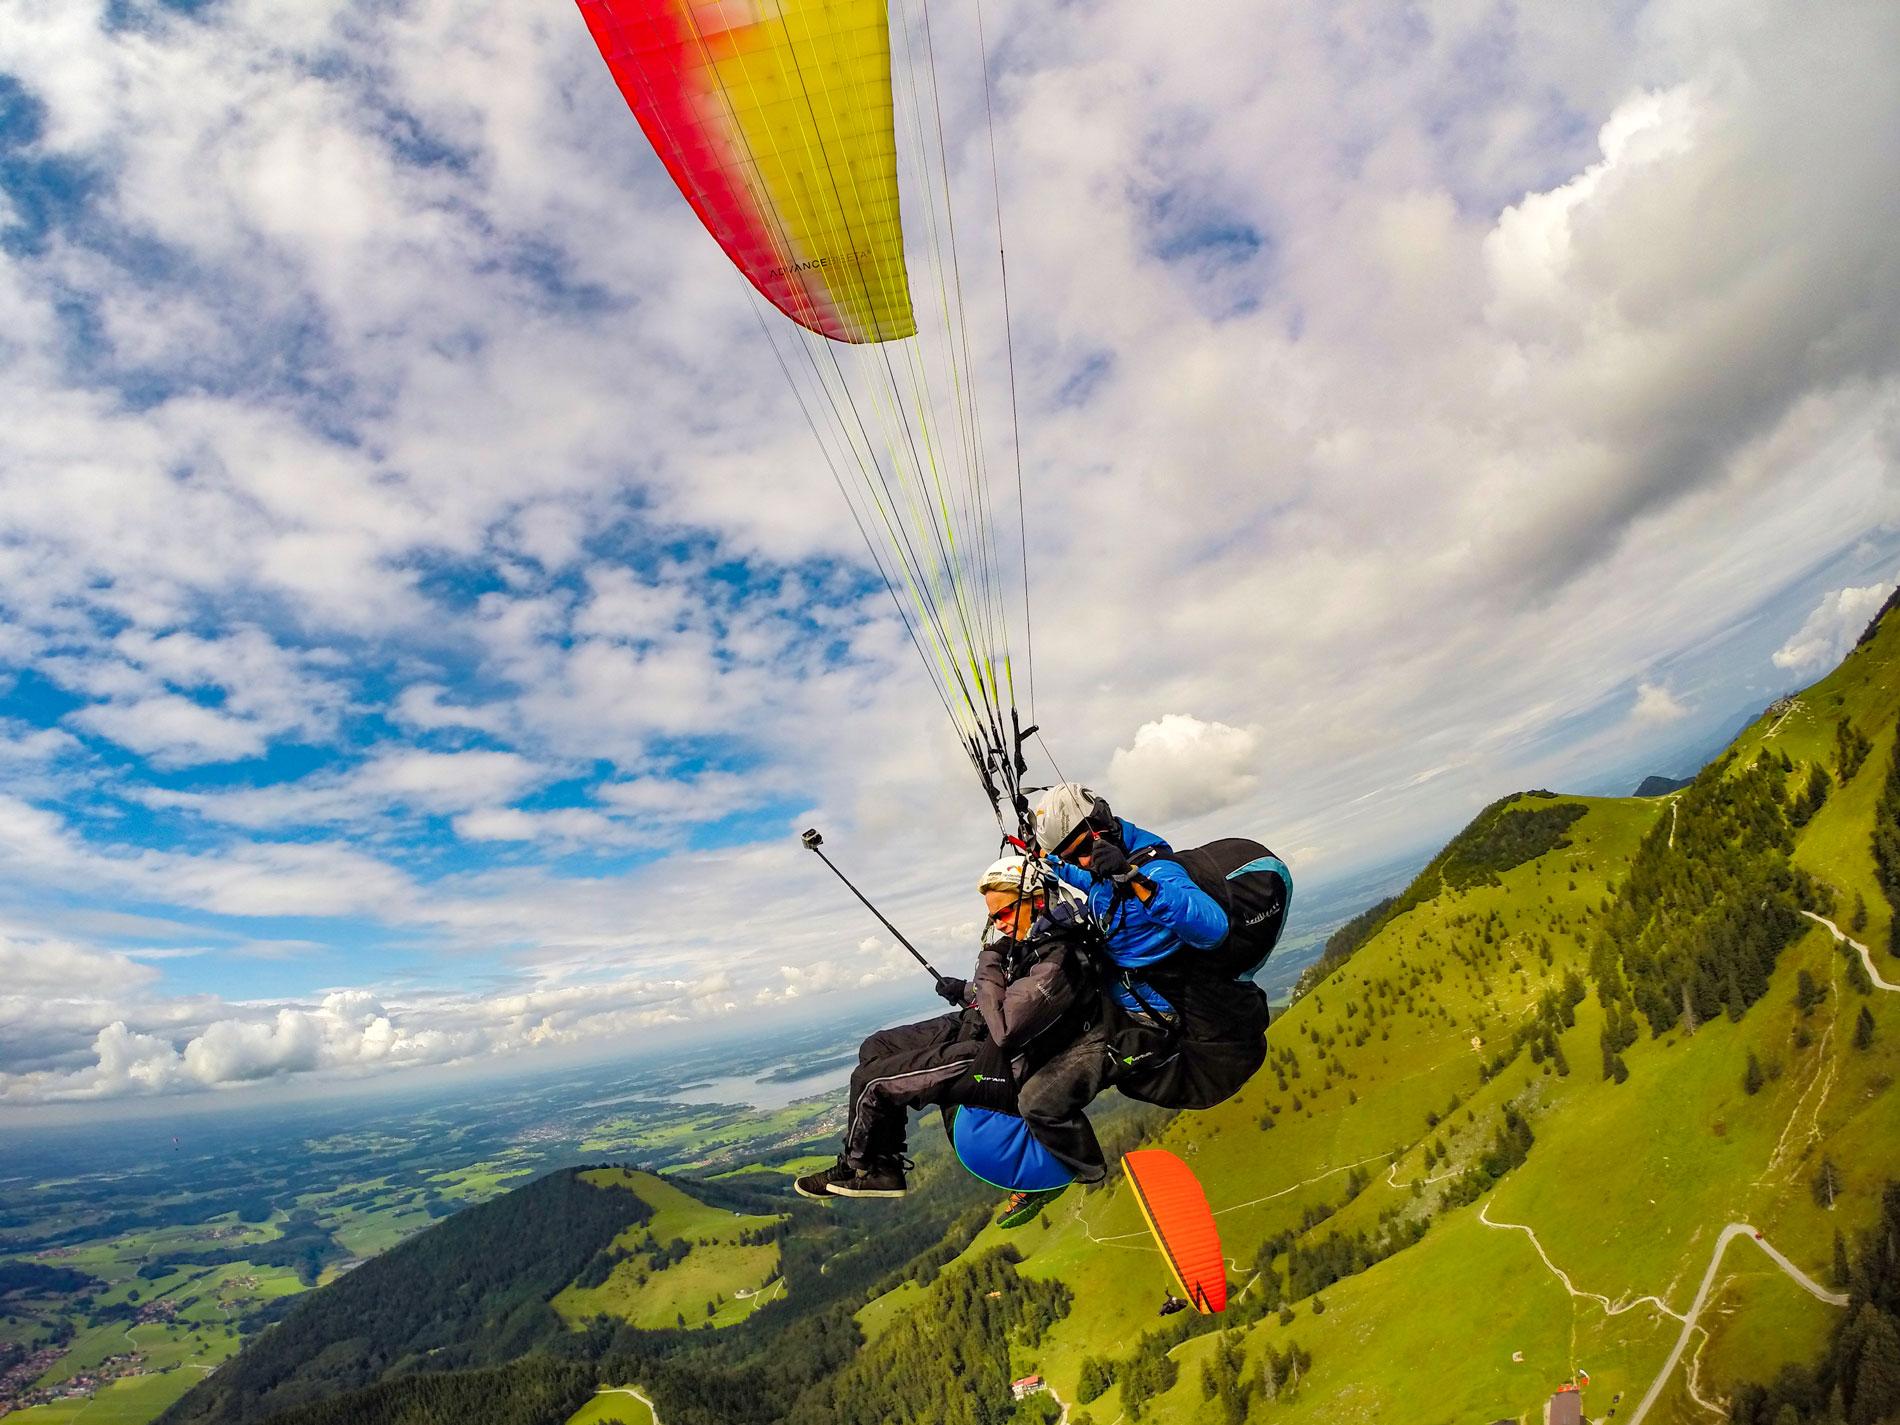 Tandemfliegen-Chiemgau-Klassiker-Tandemflug-Gutschein-Fotoservice